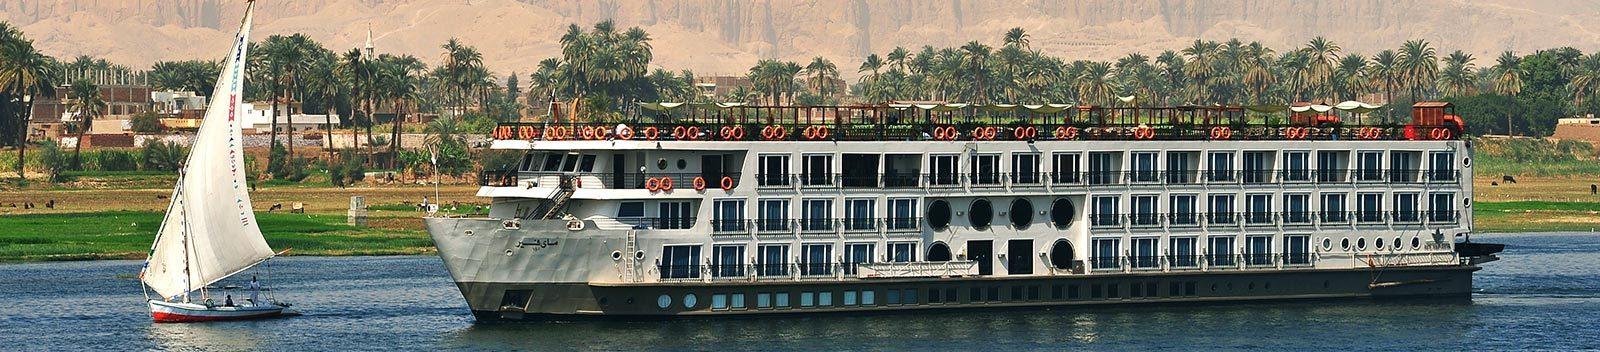 Egypt Nile Cruises Packages & Dahabiya